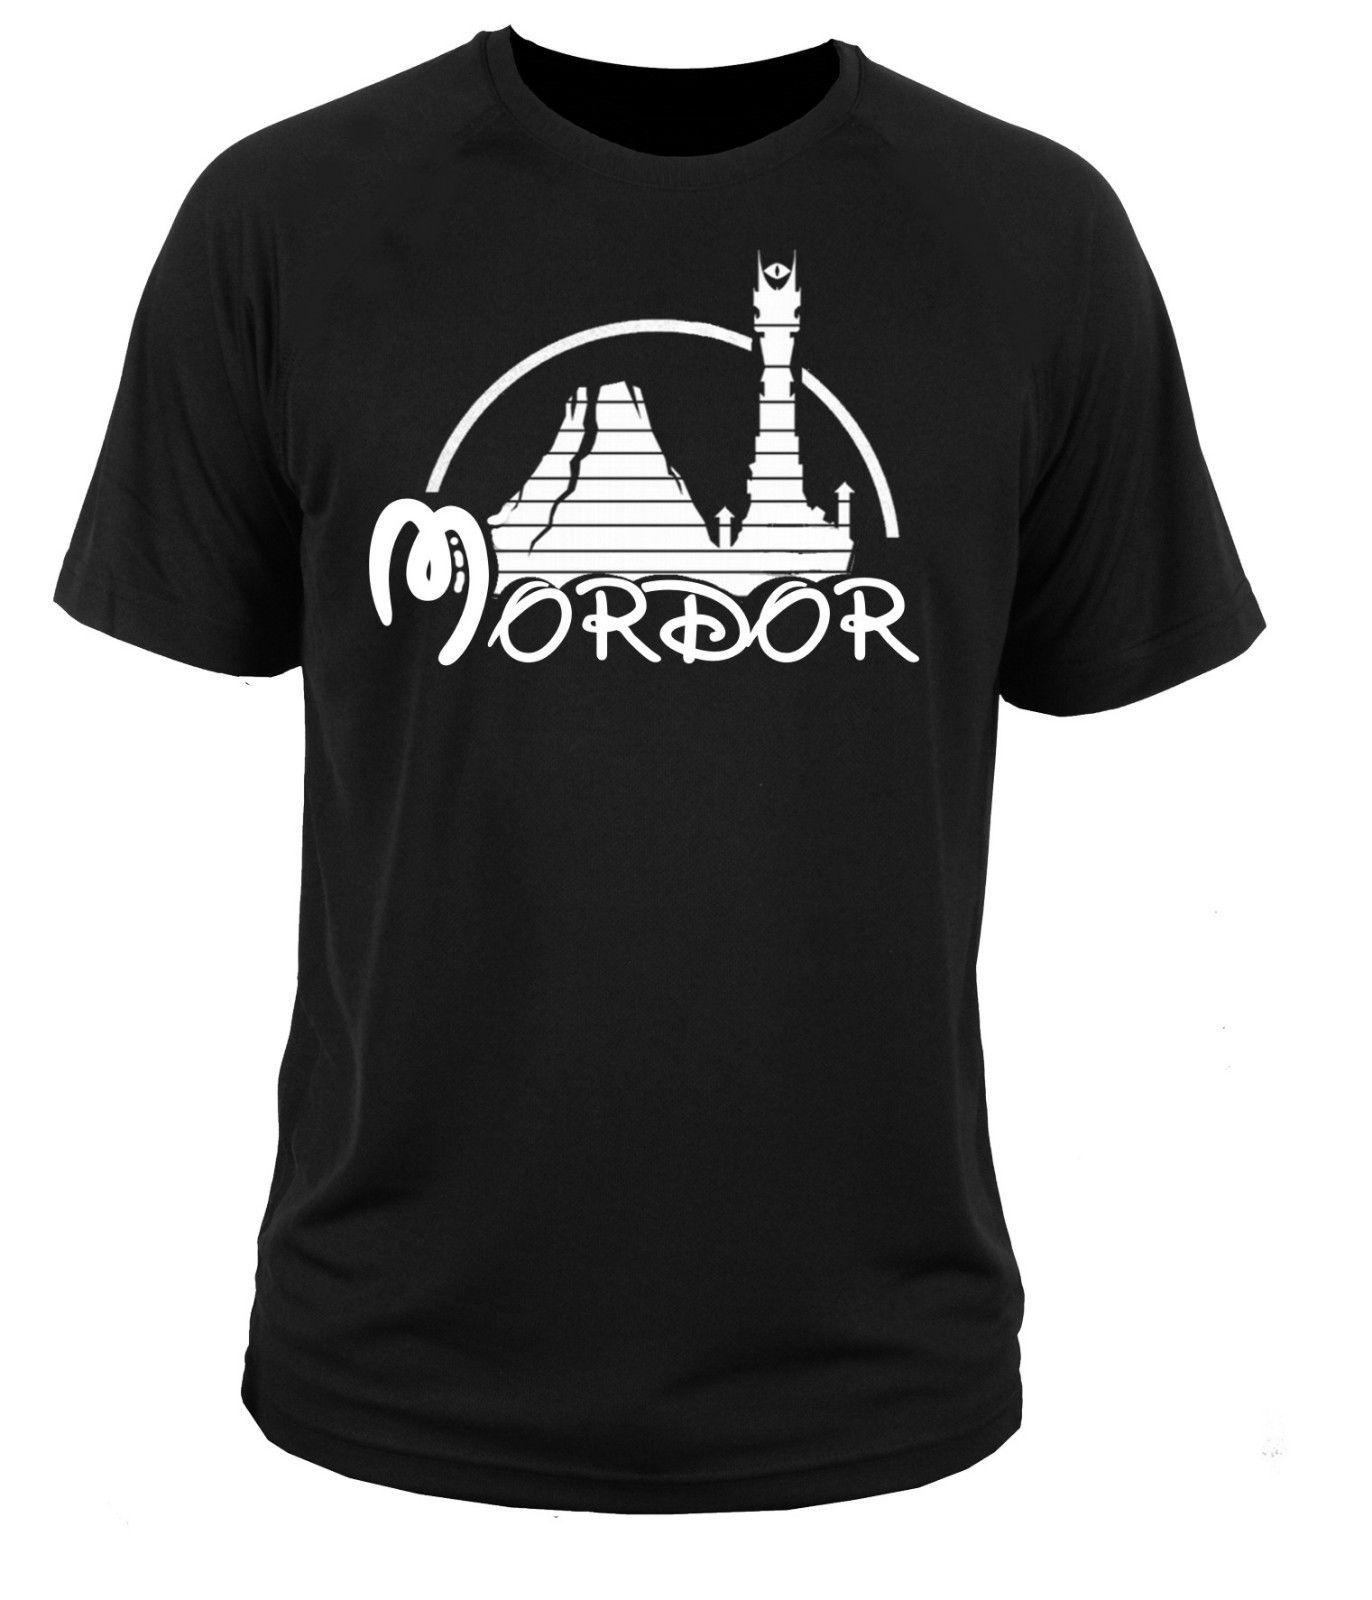 2017 Nueva Inconformista Mordor Señores De Los Anillos de Tolkien Hobbit 3D Populares de impresión de Los Hombres 100% Algodón Camiseta de Verano de Manga Corta Tees